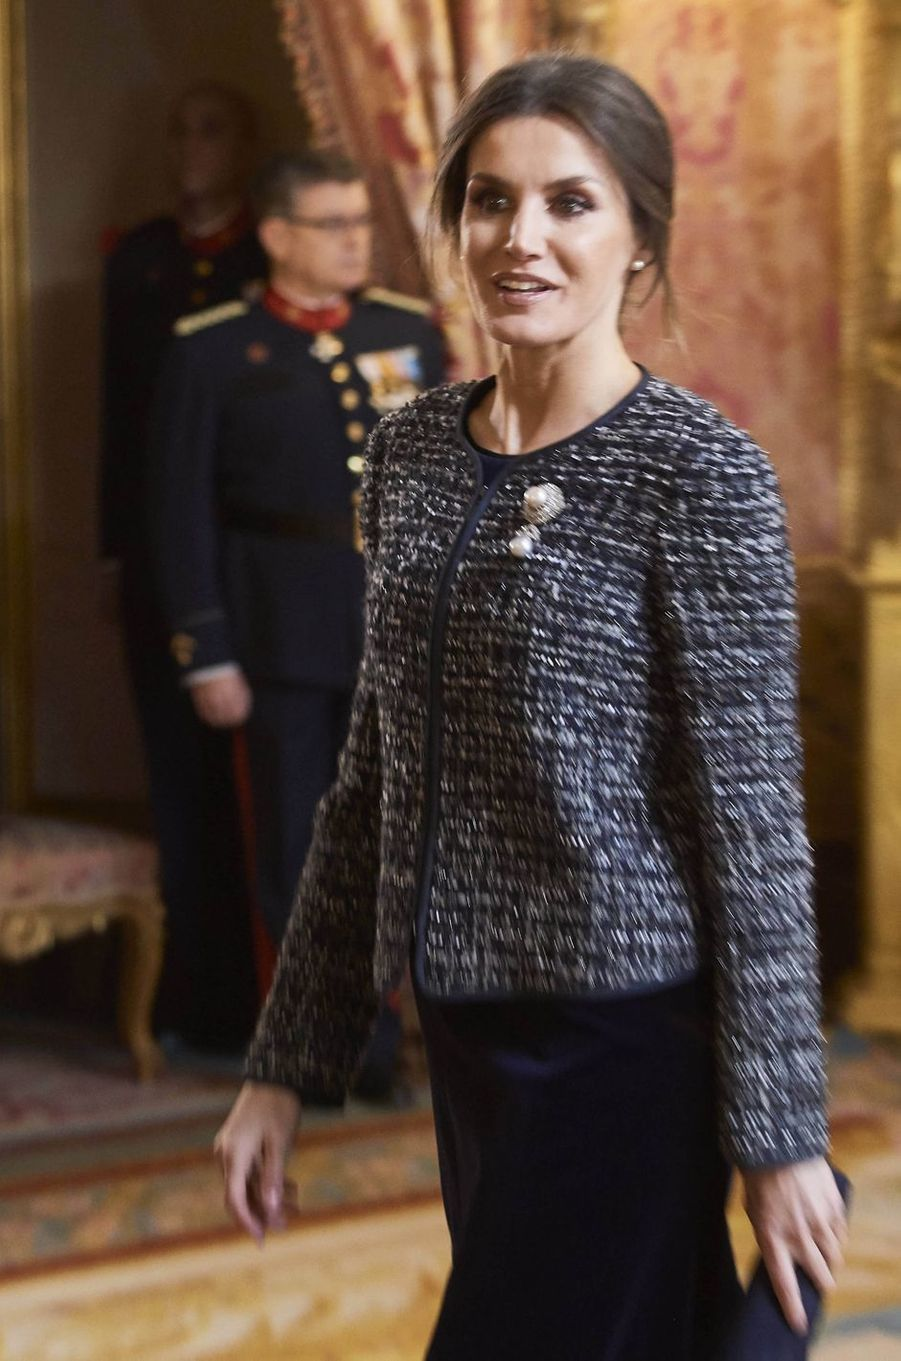 La reine Letizia d'Espagne au Palais royal à Madrid, le 6 janvier 2019